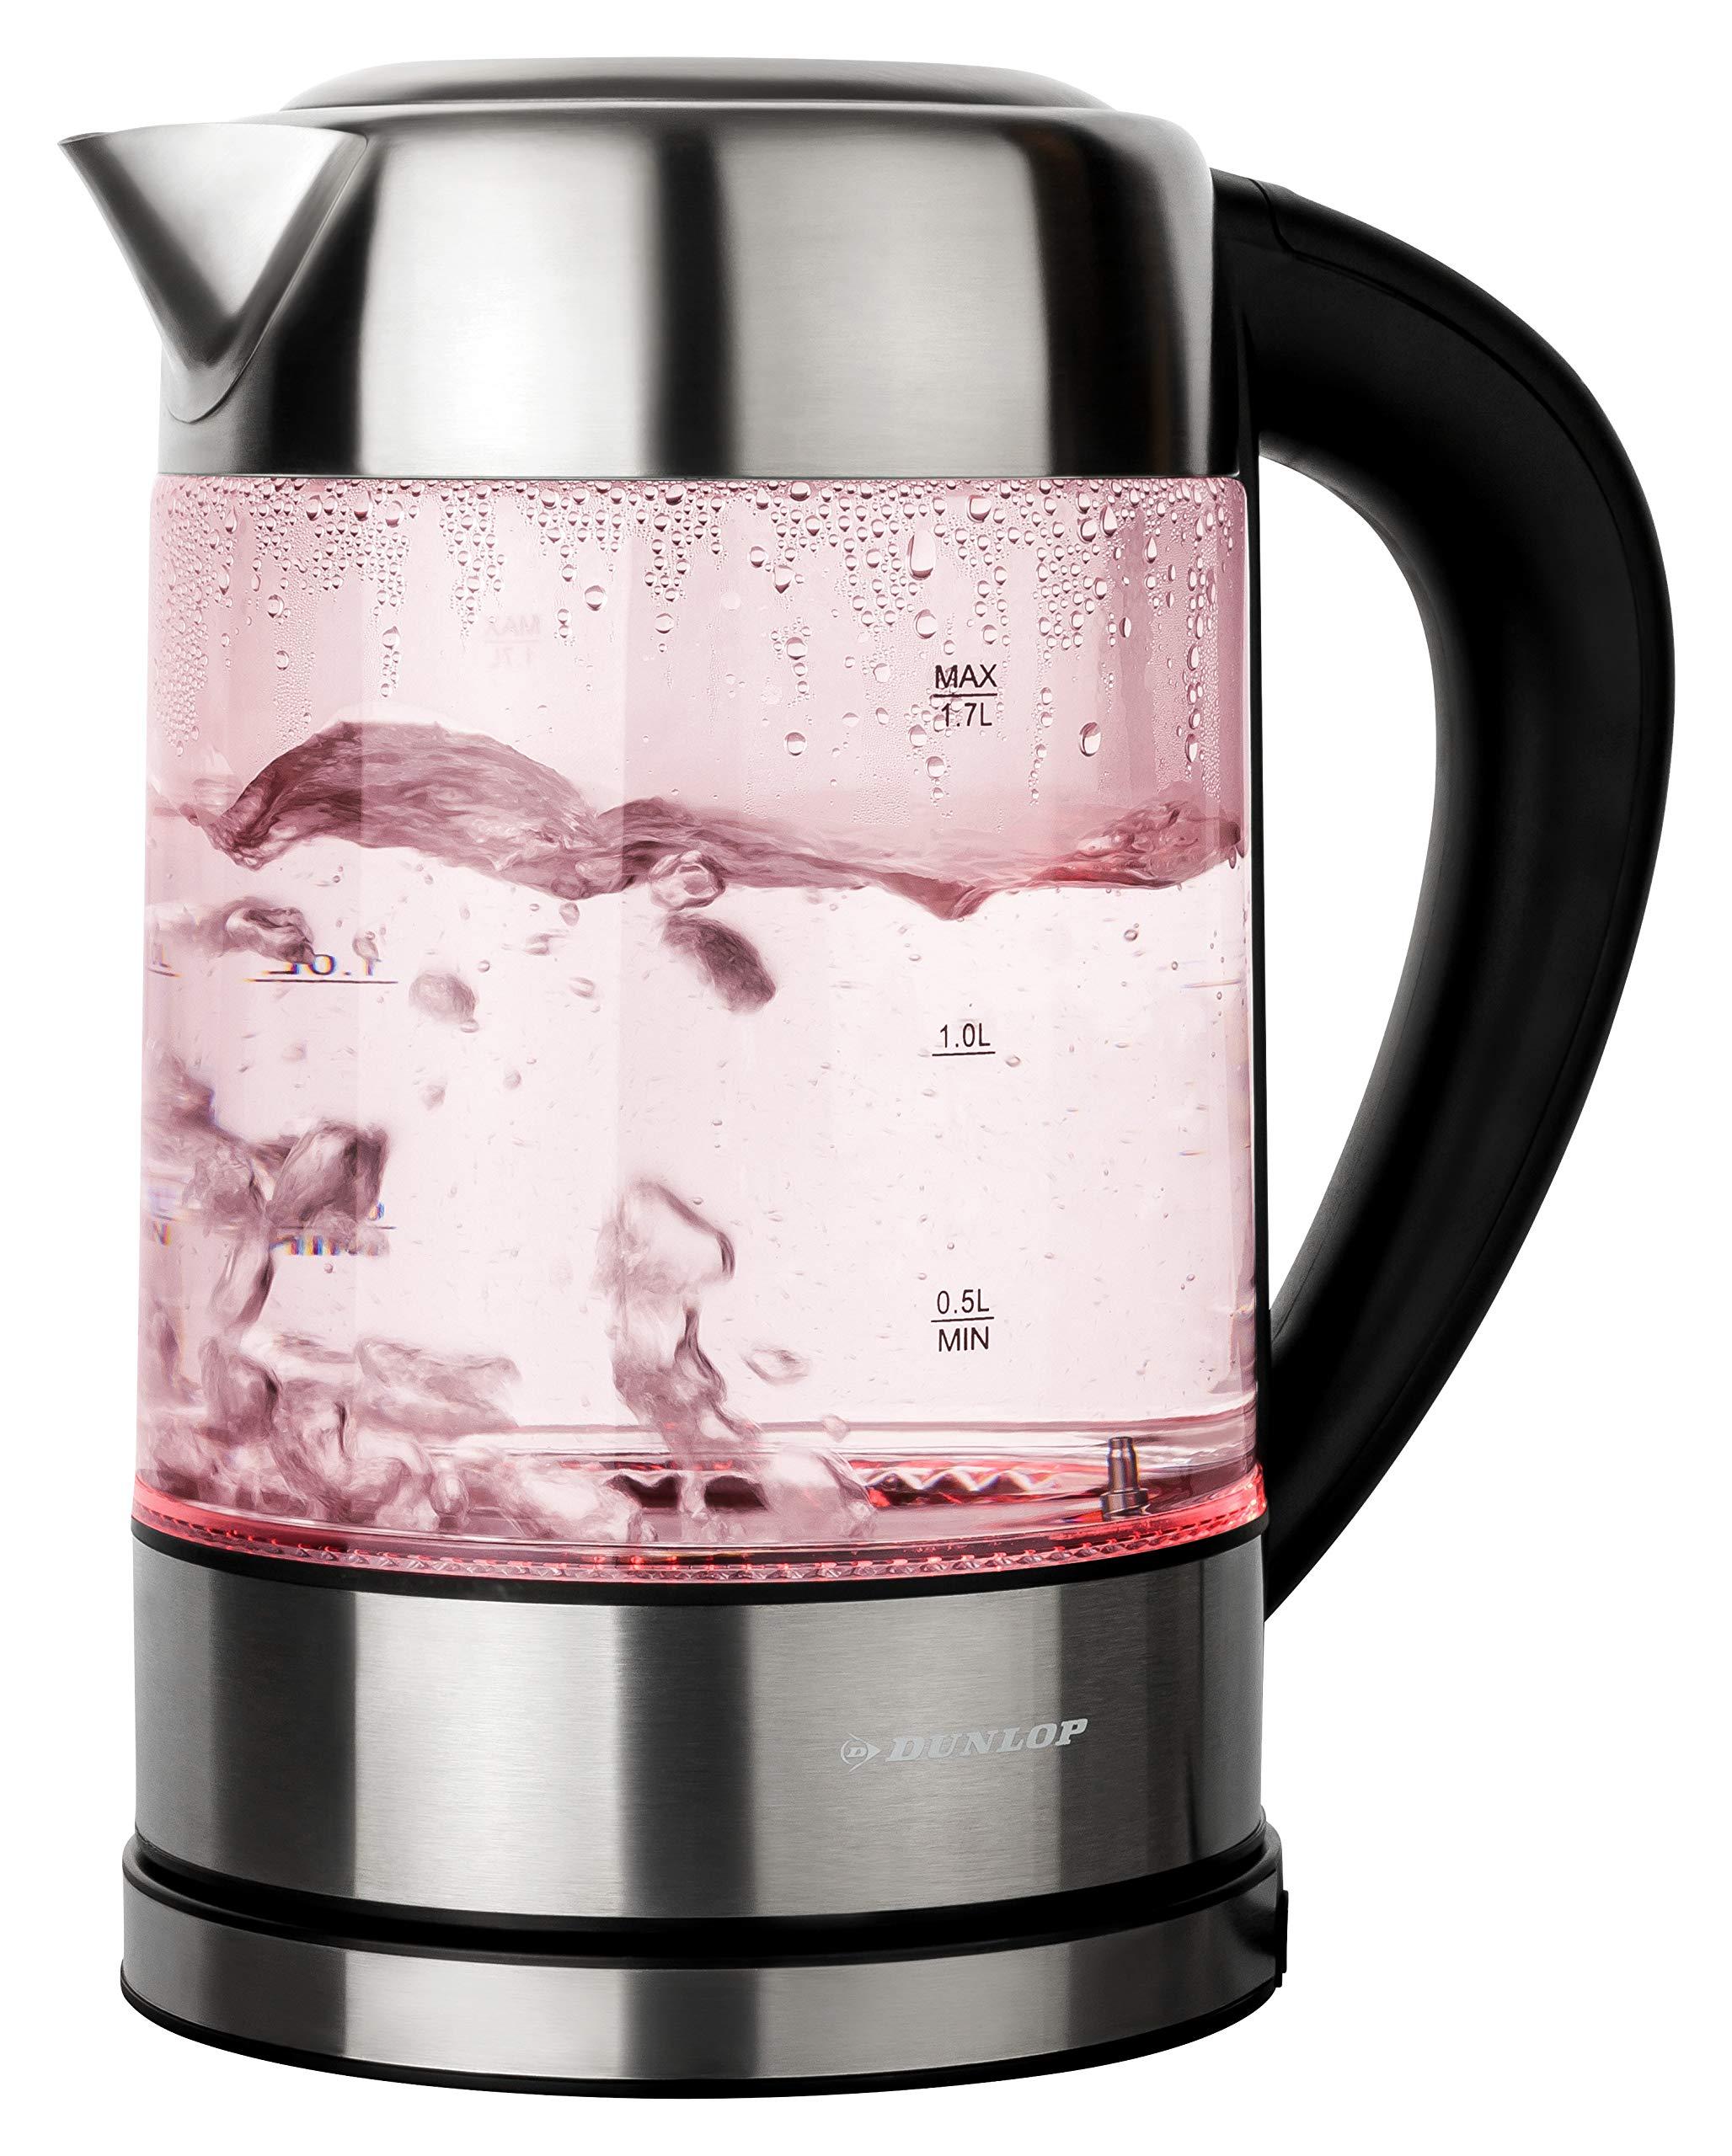 DUNLOP-Glas-Wasserkocher-Teekocher-17L-Edelstahl-mit-Temperaturwahl-Warmhaltefunktion-LED-Beleuchtung-Farbwechsel-nach-Temperatur-Vorwahl-von-60-100C-100-BPA-FREI